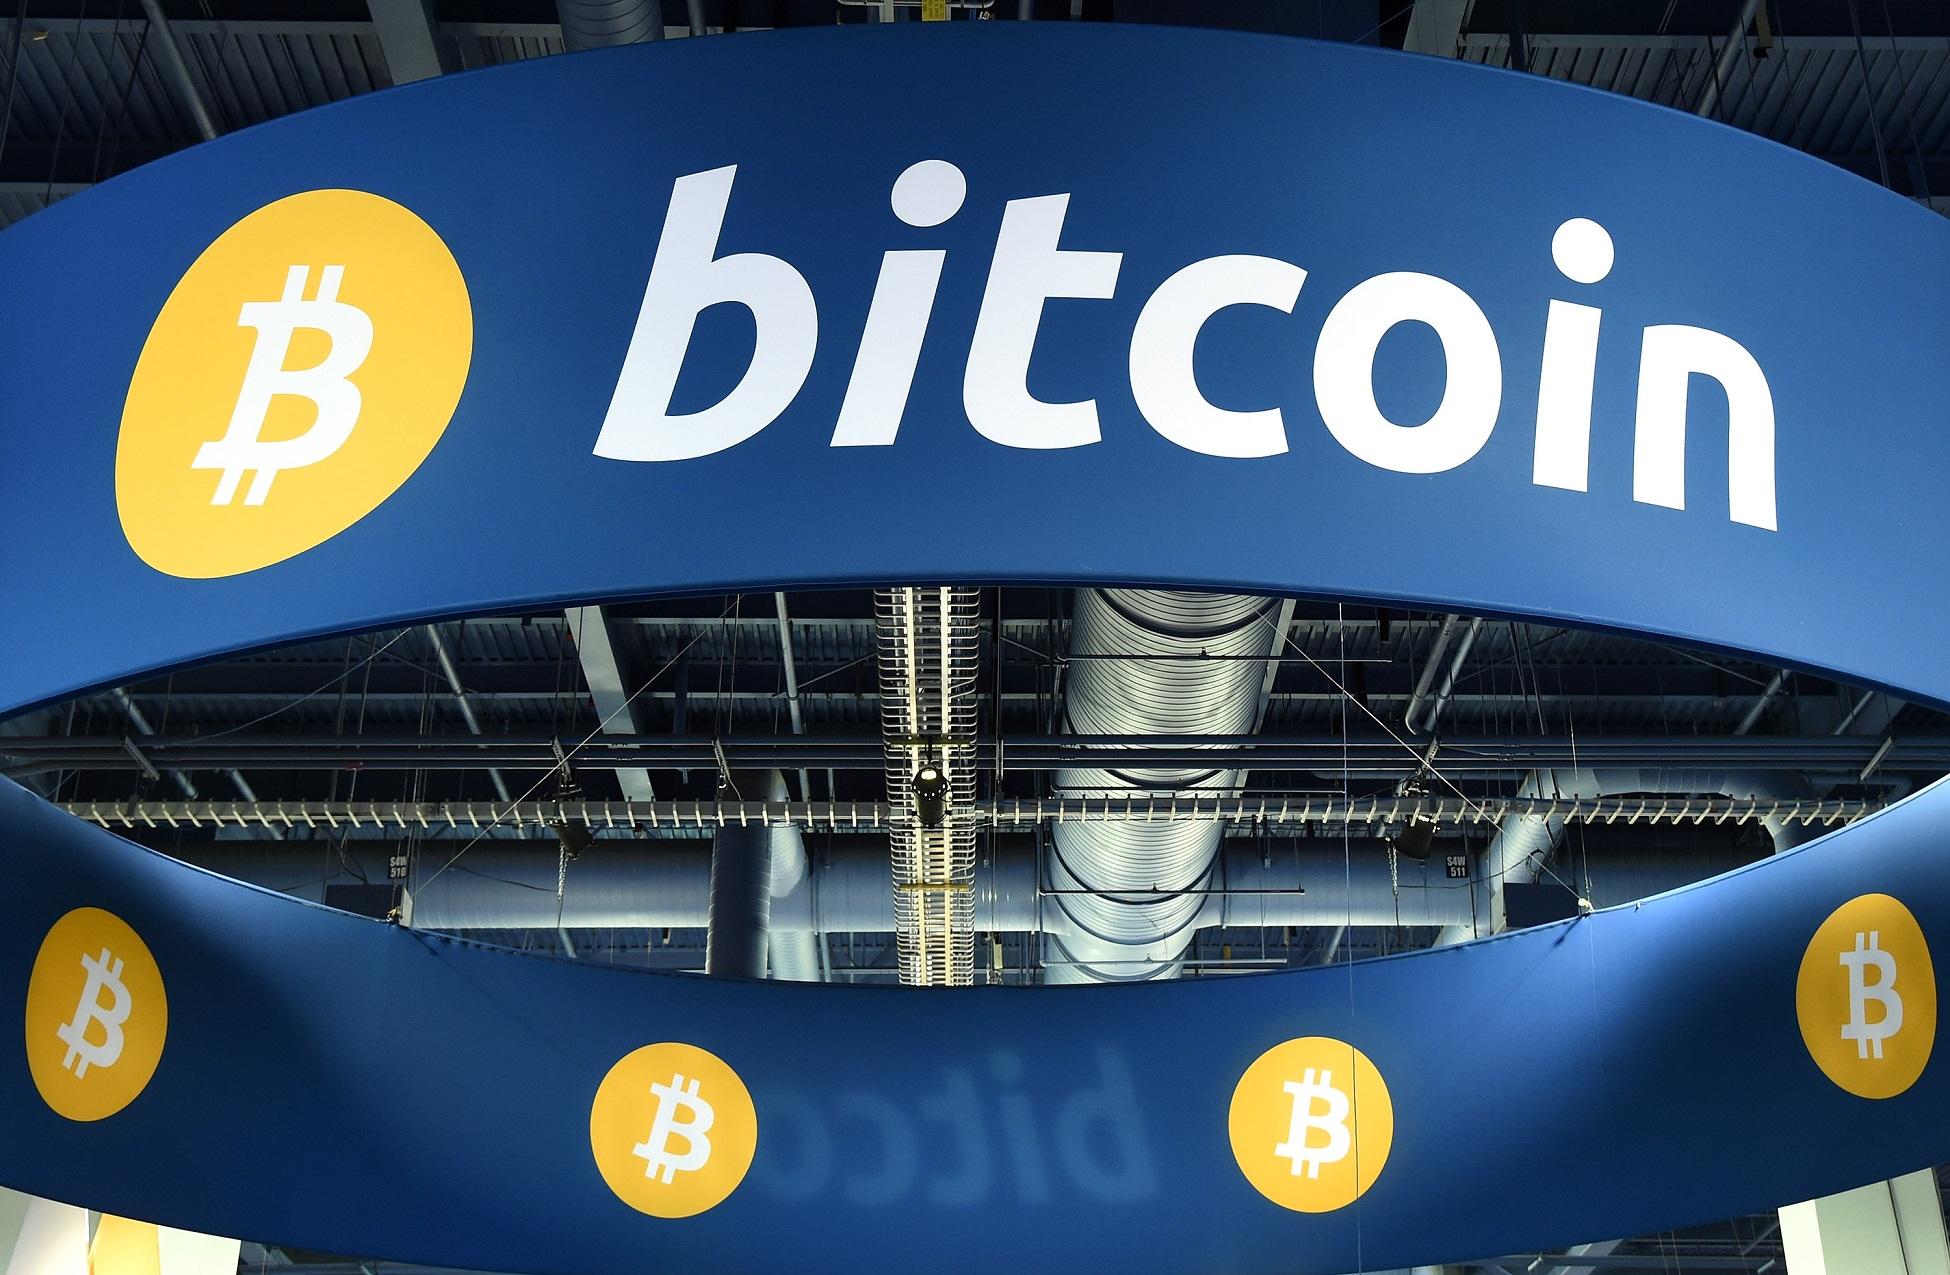 Dubaiban már bitcoinért is lehet ingatlant venni